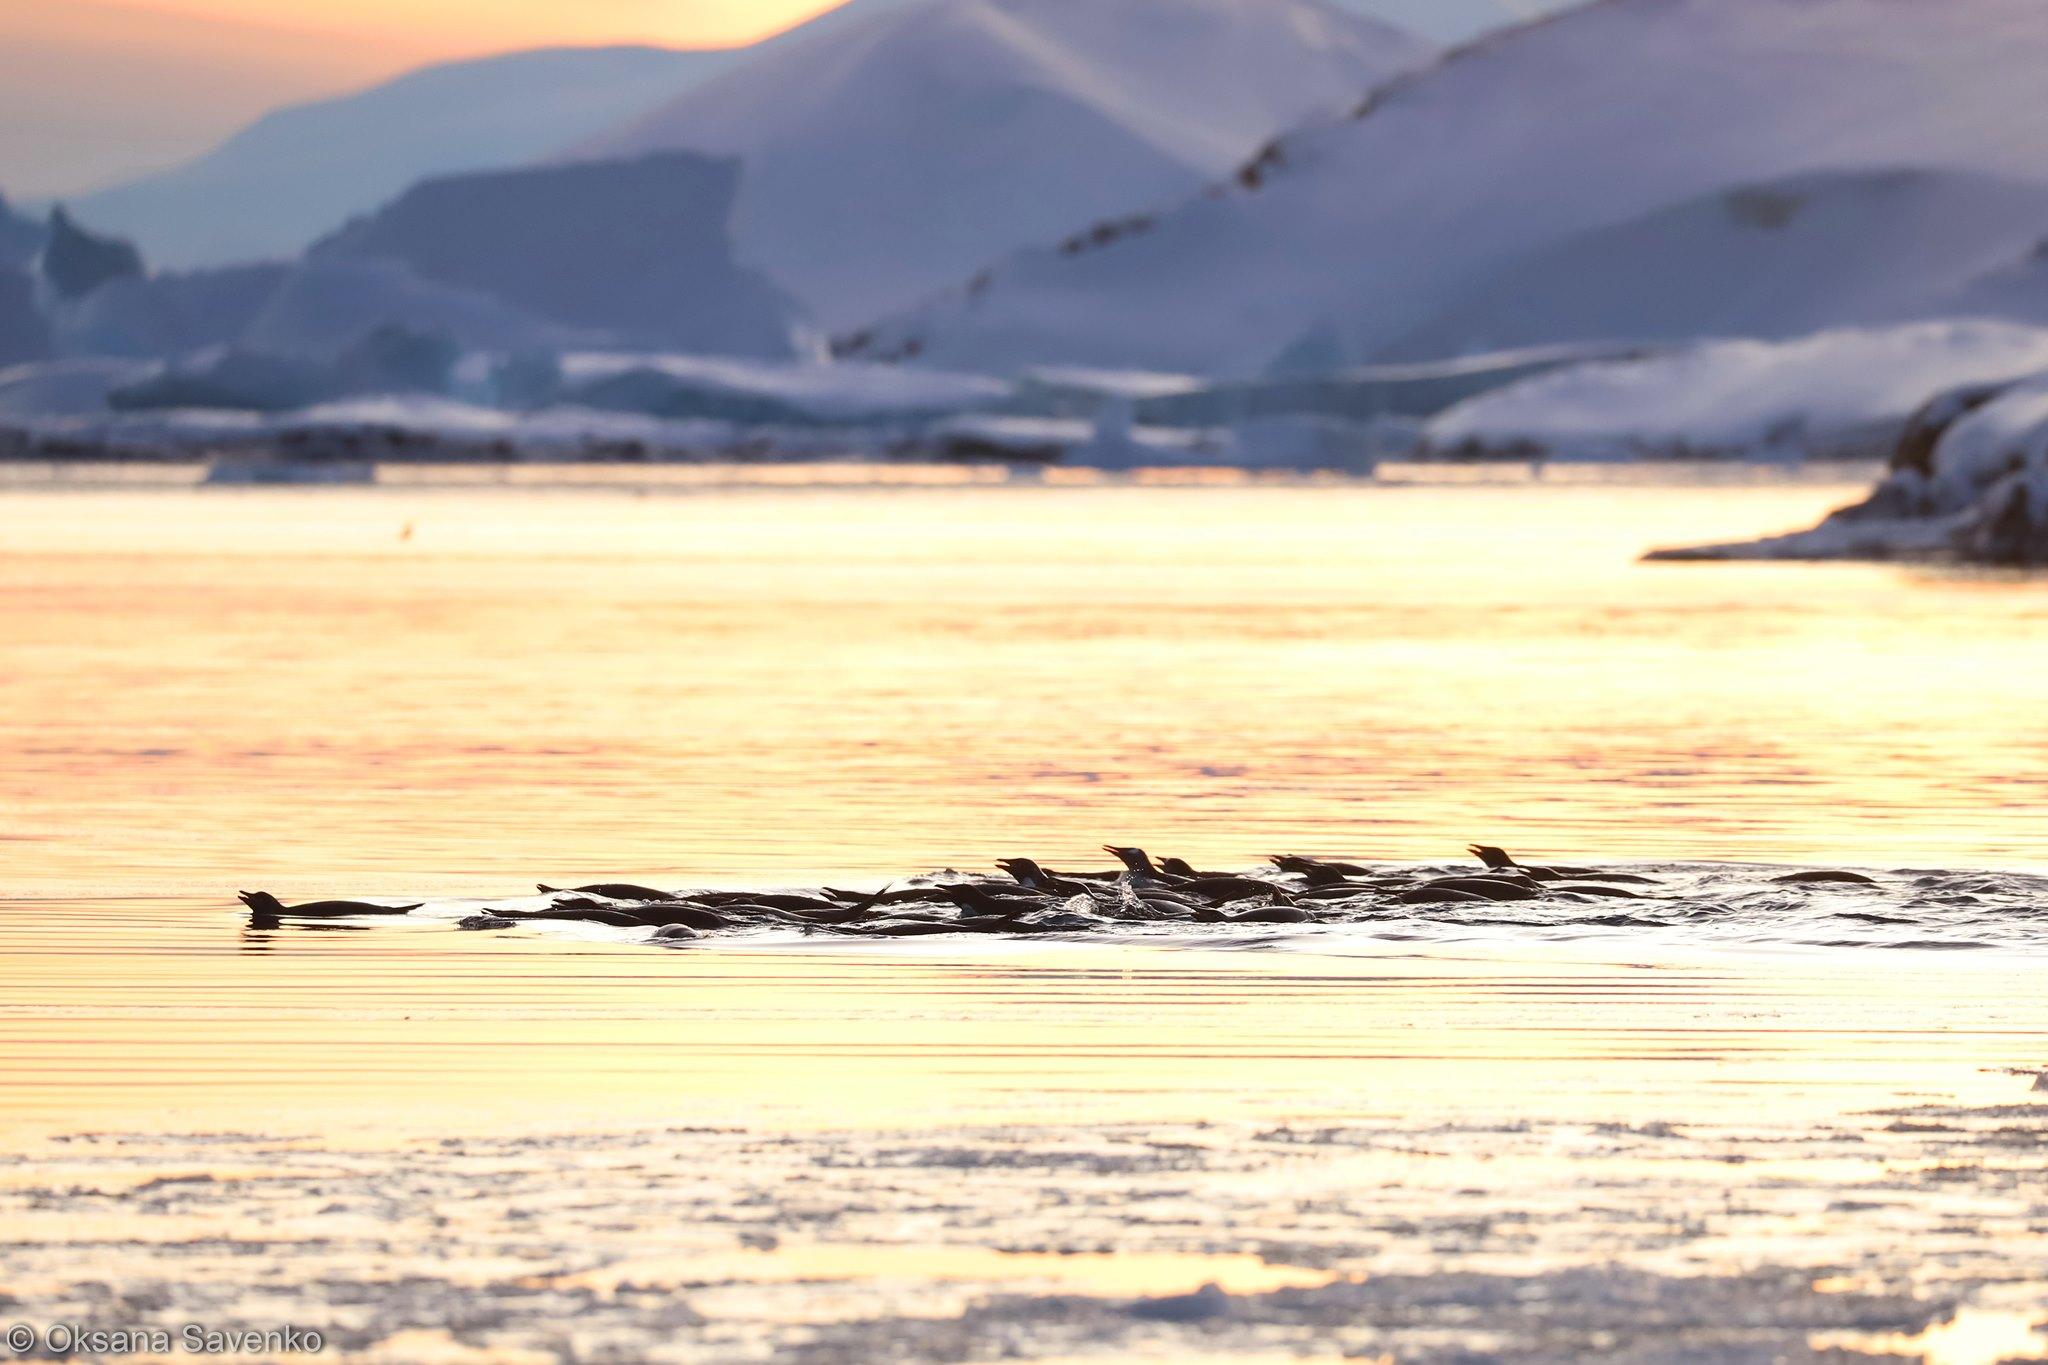 рекордне скупчення пінгвінів